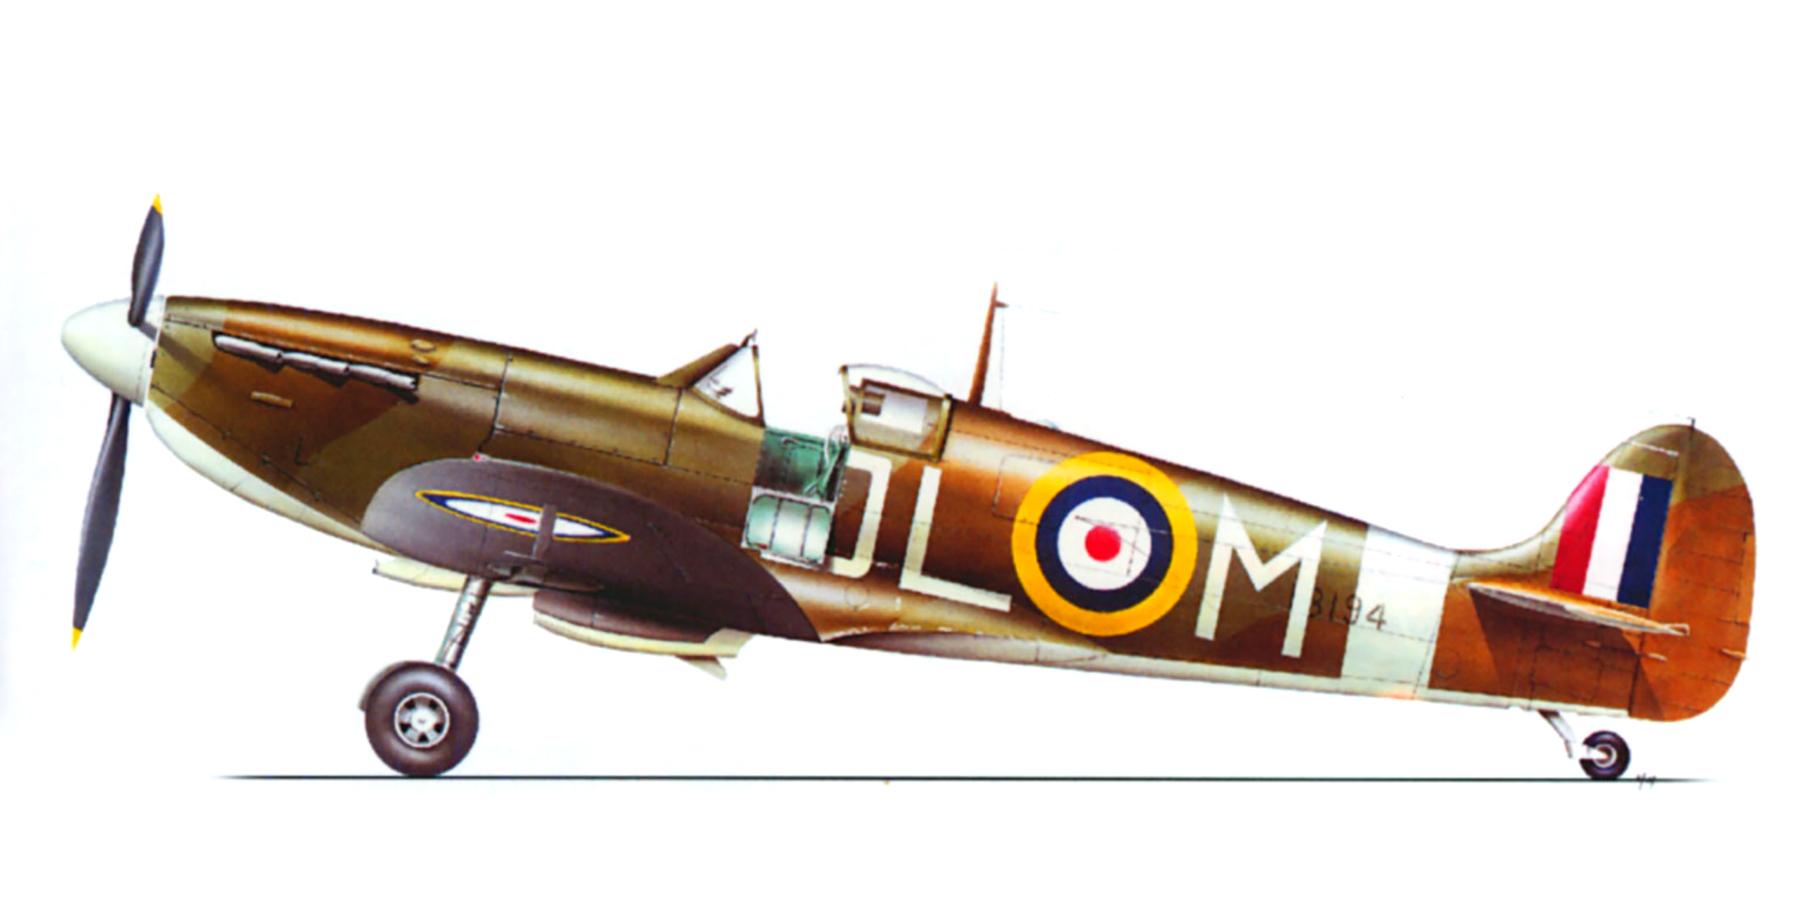 Spitfire MkIIa RAF 91Sqn DLM Sgt Donald McKay P8194 Hawkinge April 1941 0A